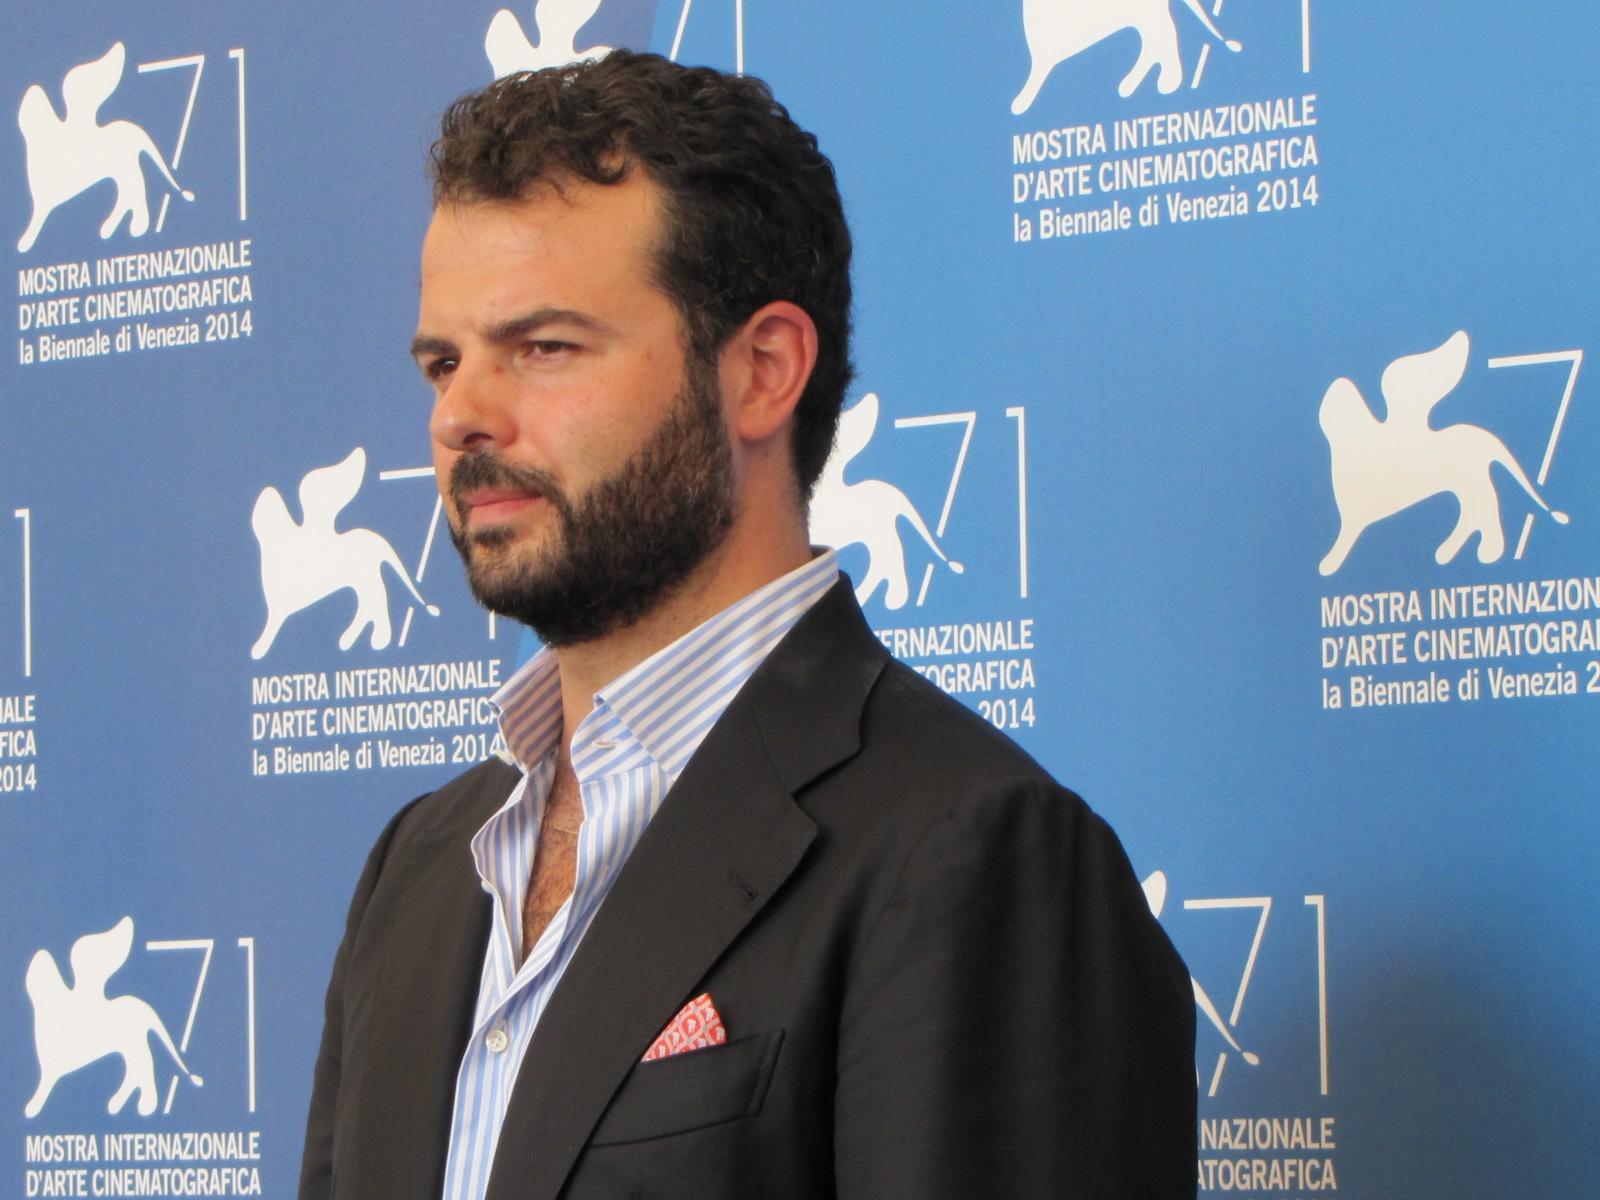 'Perez' a Venezia 2014 - il regista Edoardo De Angelis